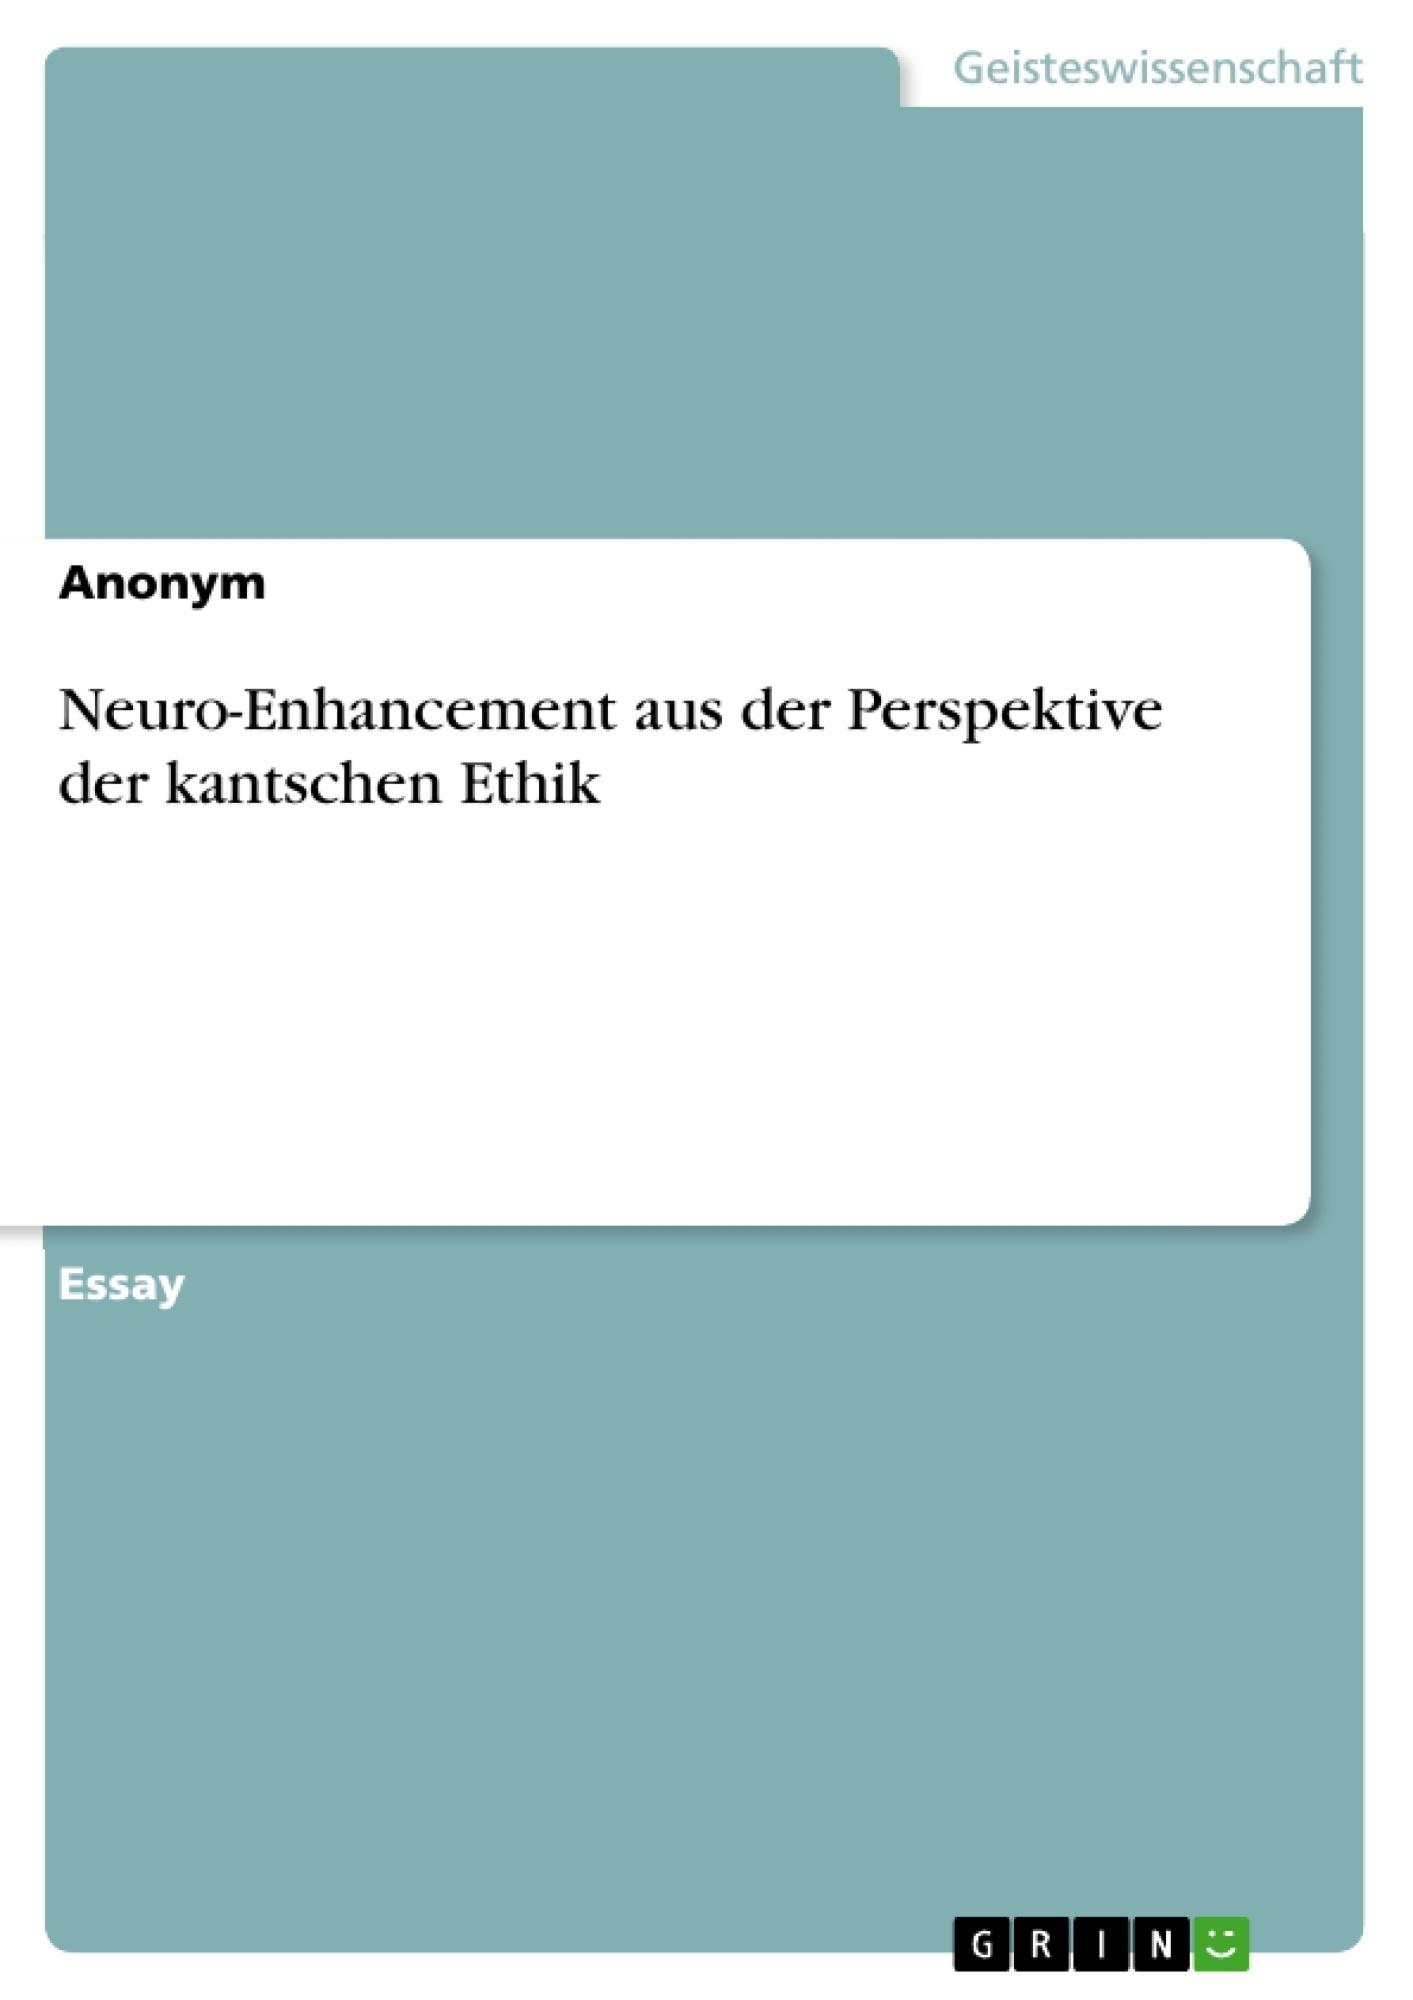 Titel: Neuro-Enhancement aus der Perspektive der kantschen Ethik